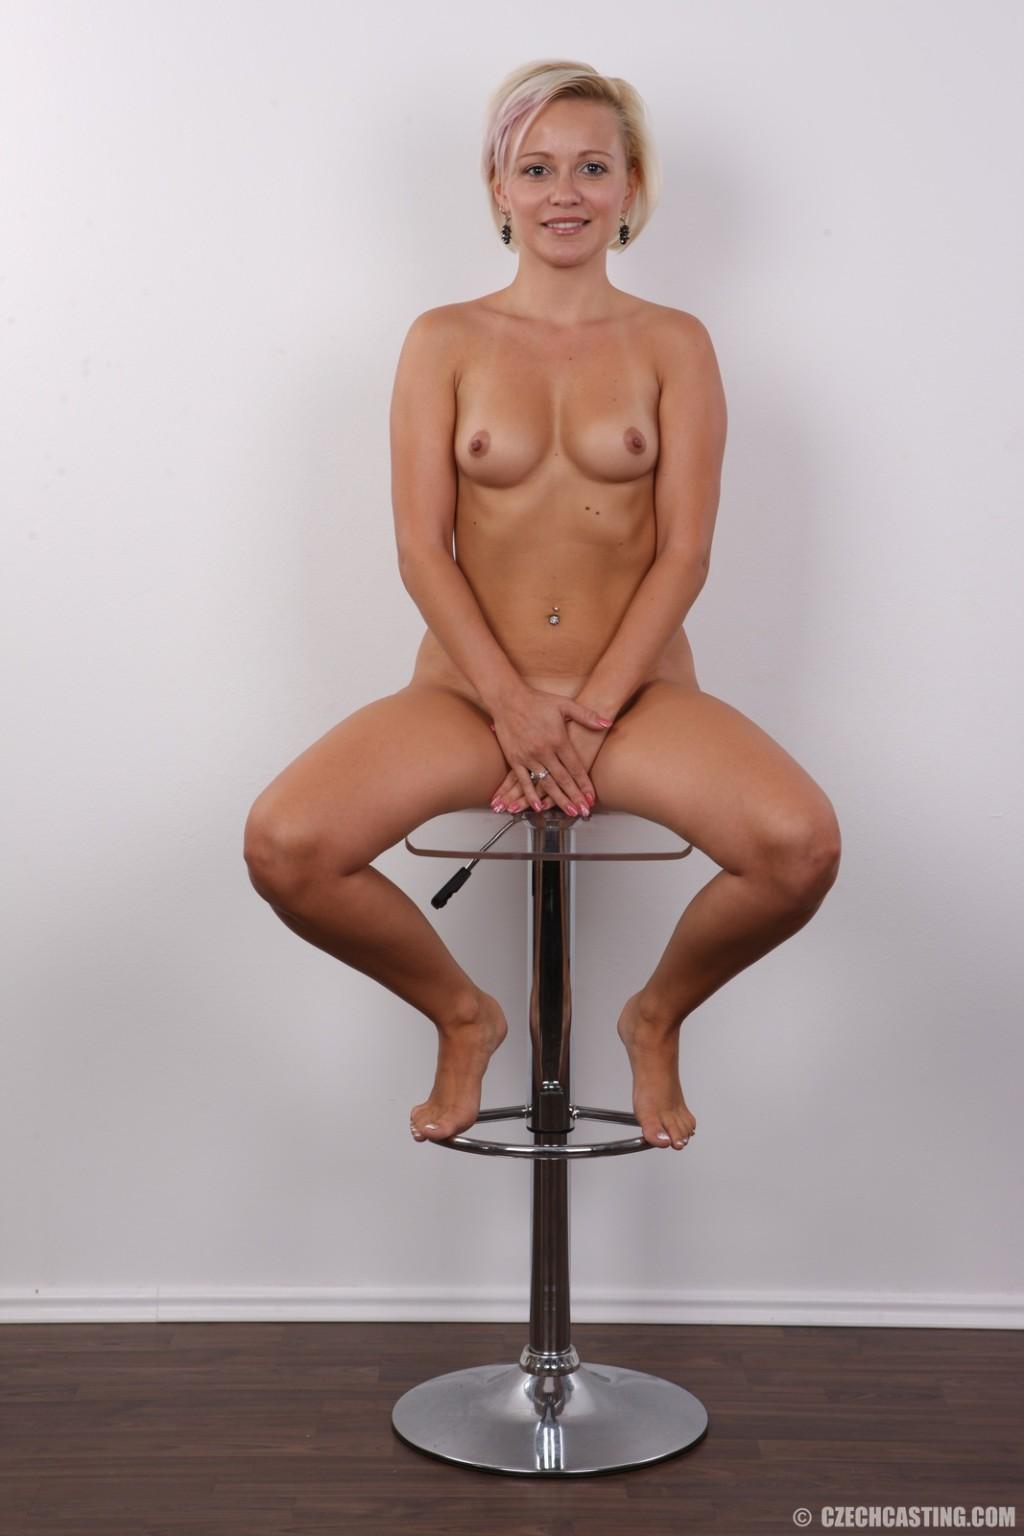 Блондинка на порно кастинге снимает все белье и оголит свои аккуратные сексуальные соски